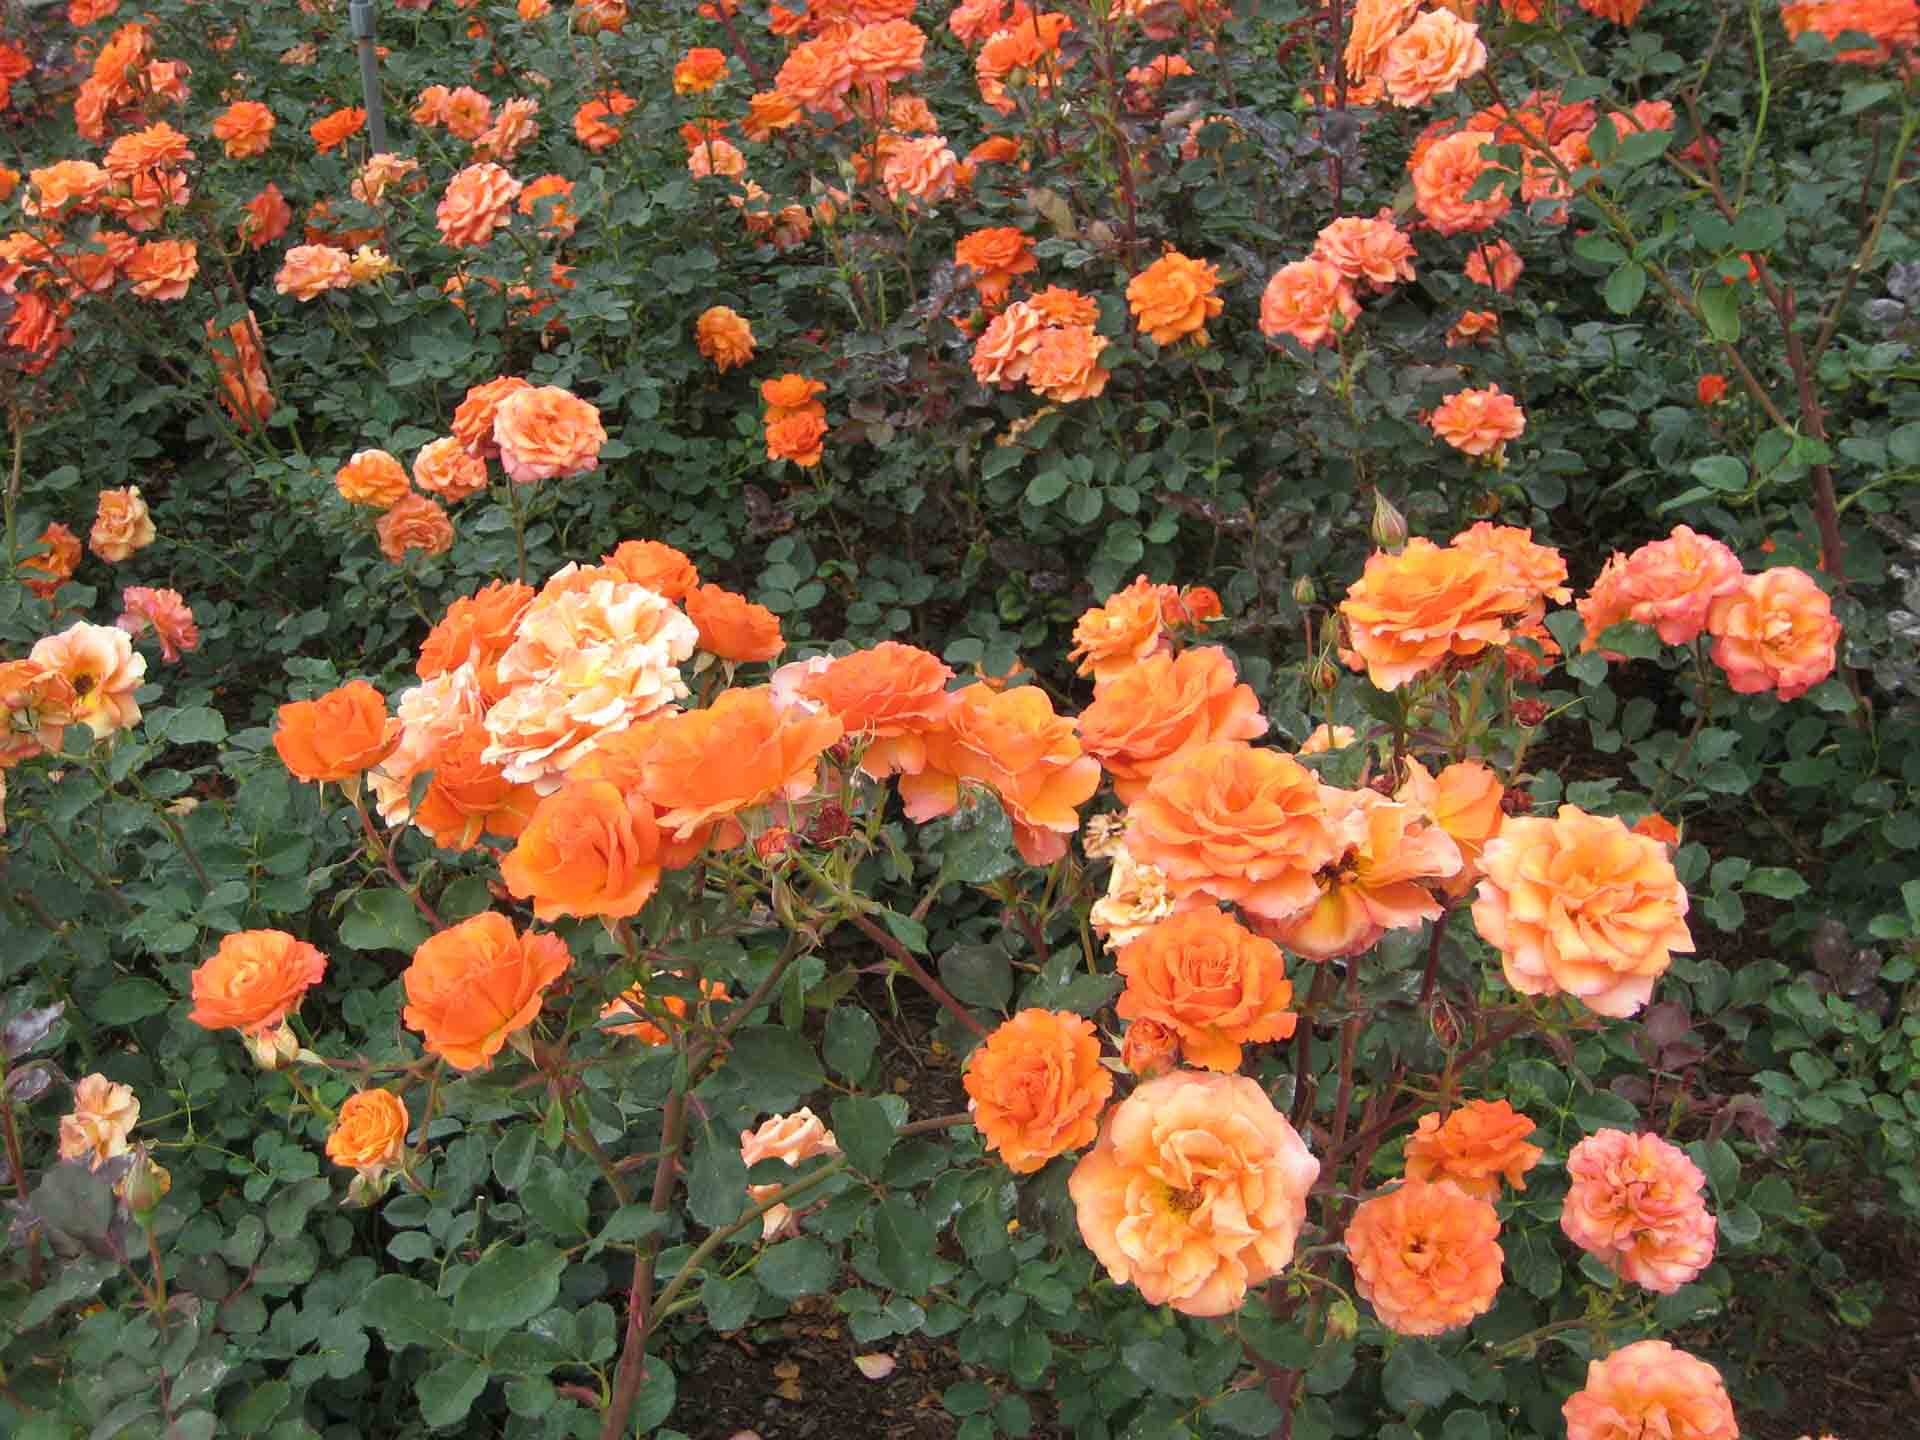 Hình ảnh vườn hoa hồng đỏ cam đẹp